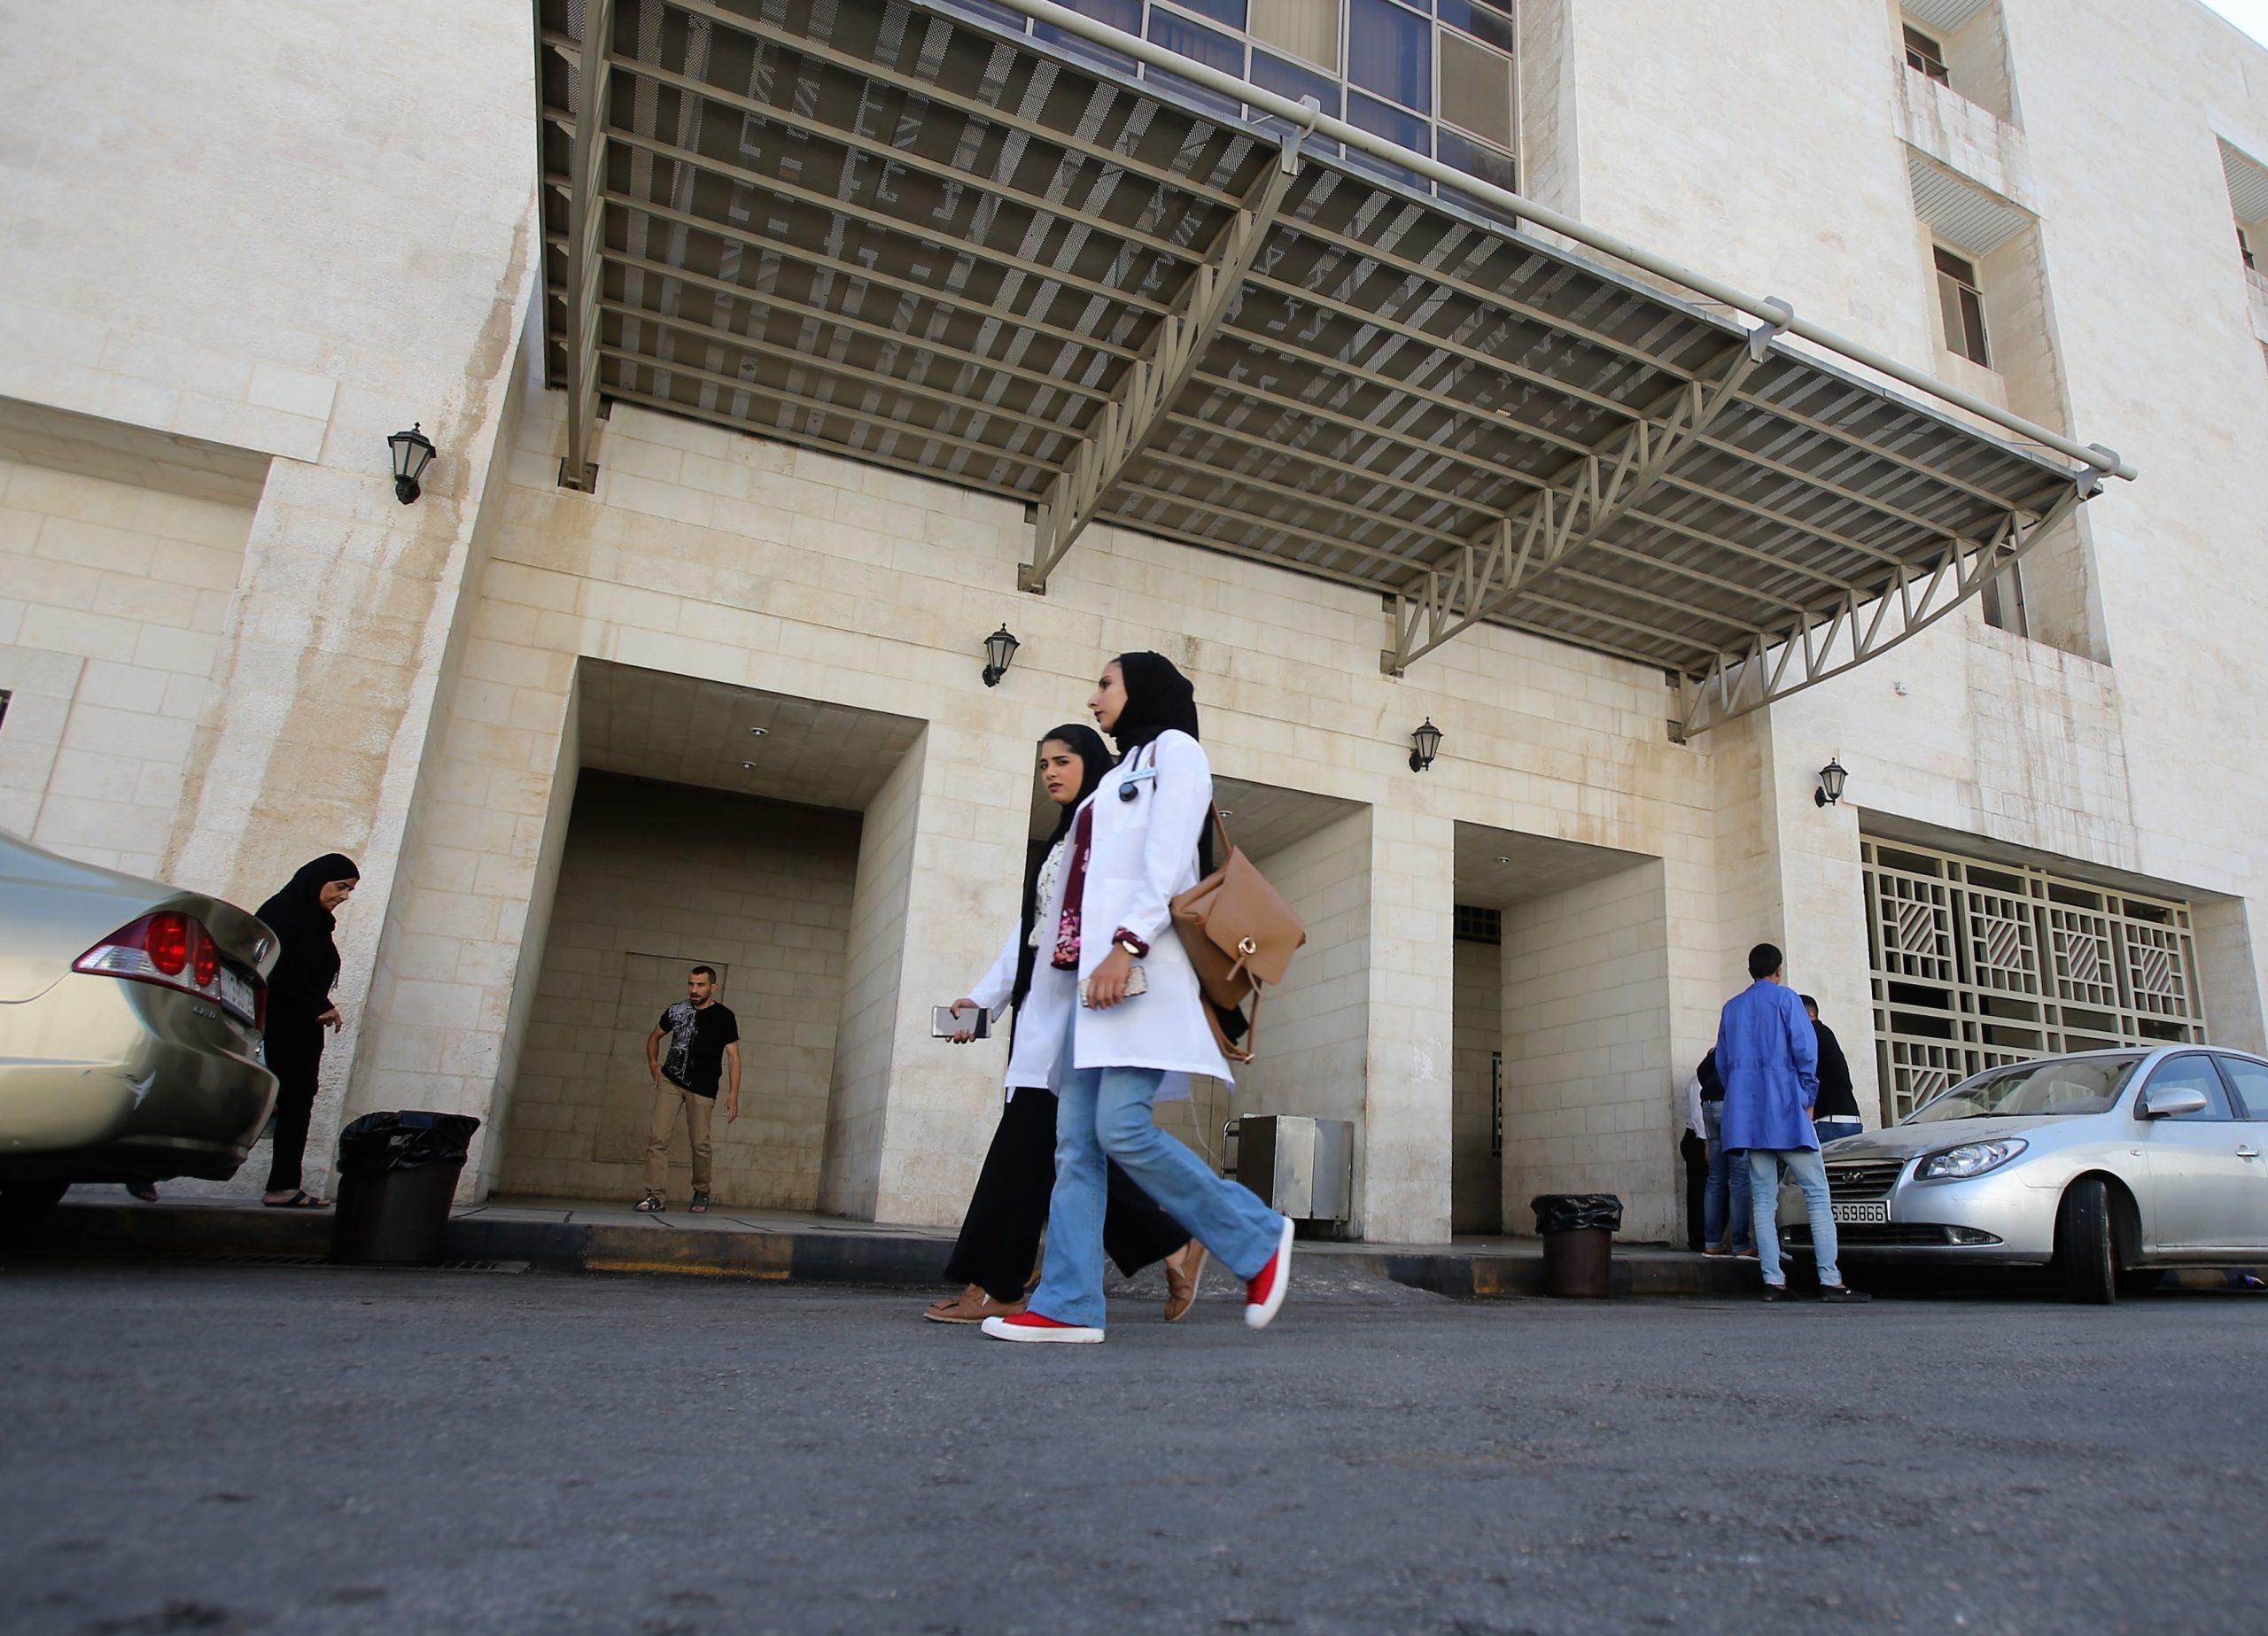 مشهد من مستشفى البشير الحكومي في عمان- (أرشيفية)